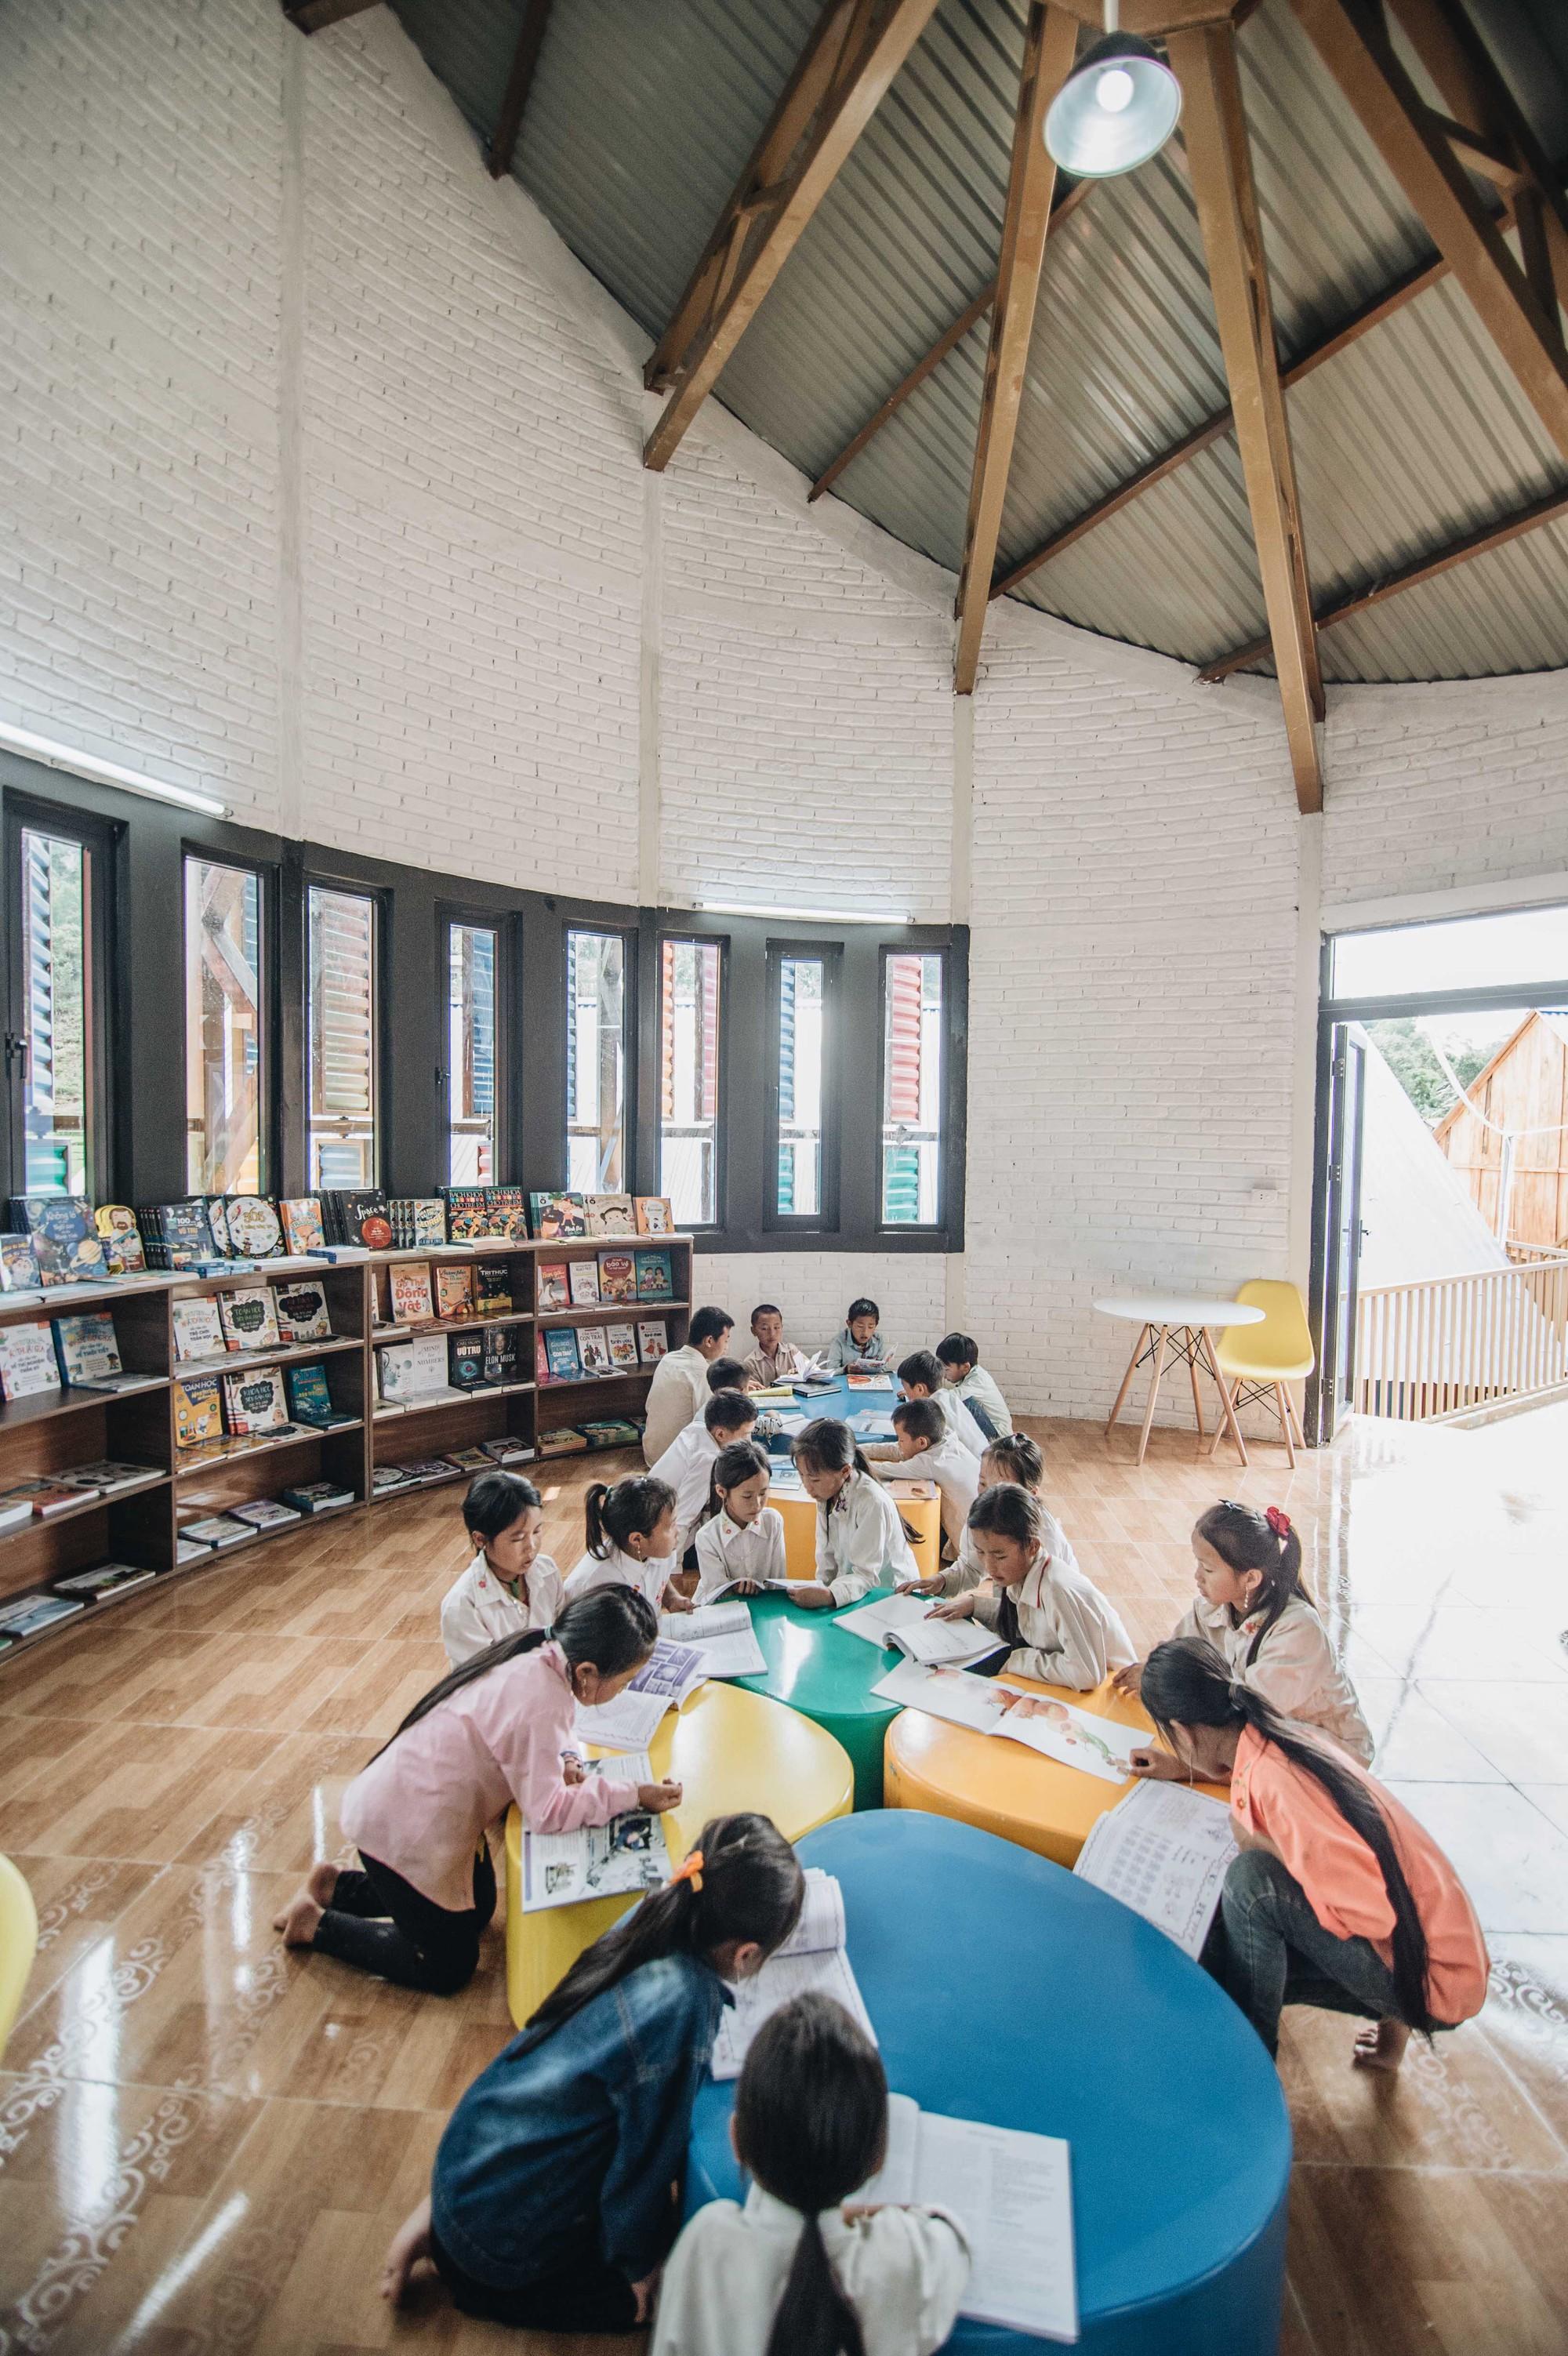 Khám phá thư viện truyền cảm hứng của dự án Mặt Trời Mơ Ước - Đoá hoa rực rỡ giữa núi rừng Tri Lễ - Ảnh 4.